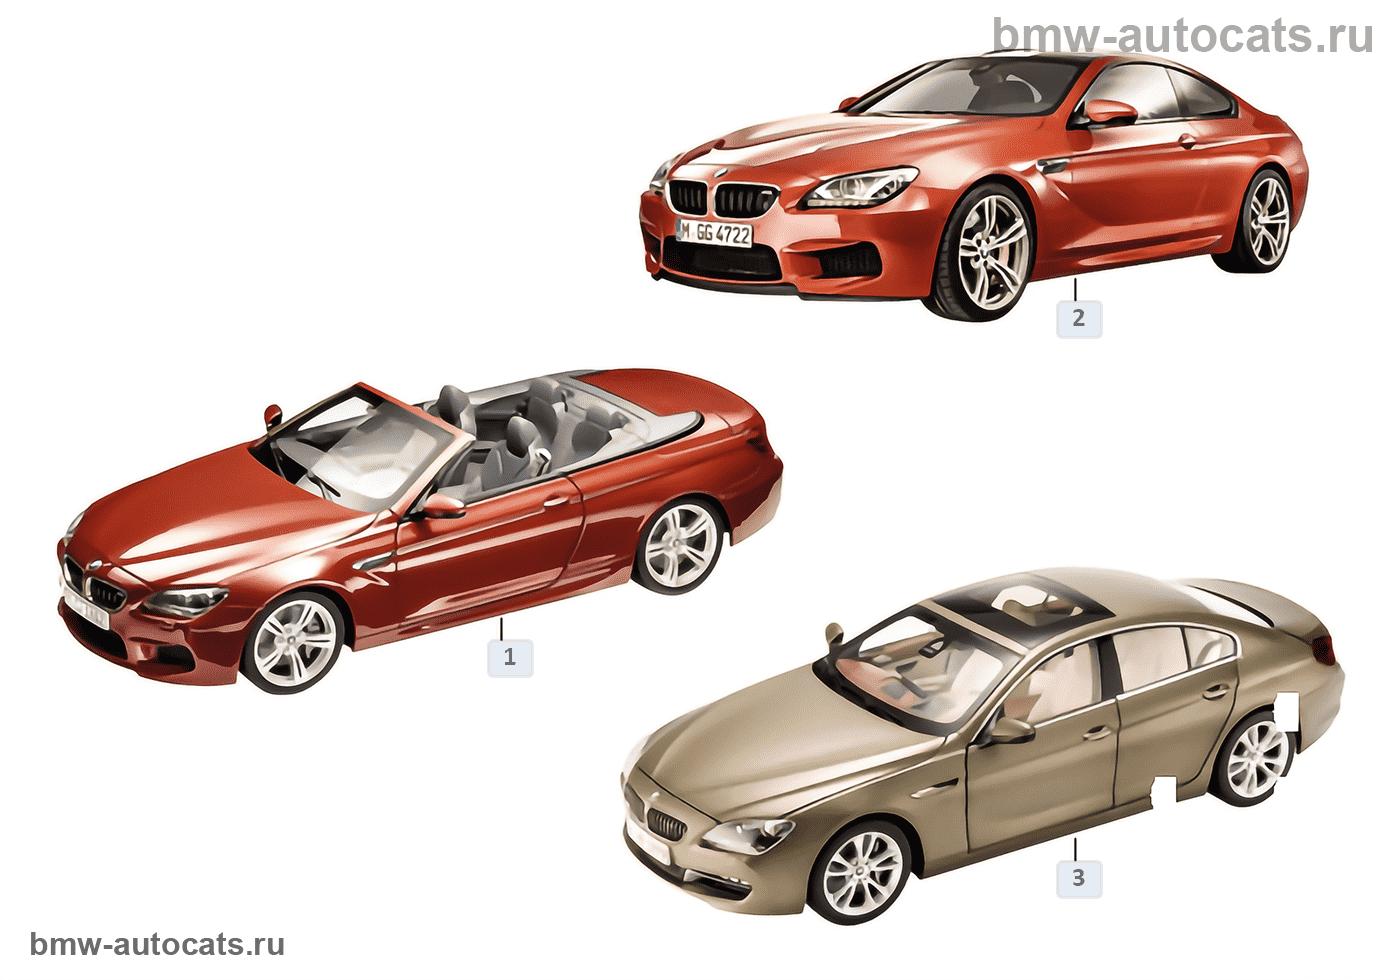 Миниат.модели BMW — BMW 6-й сер.13/14